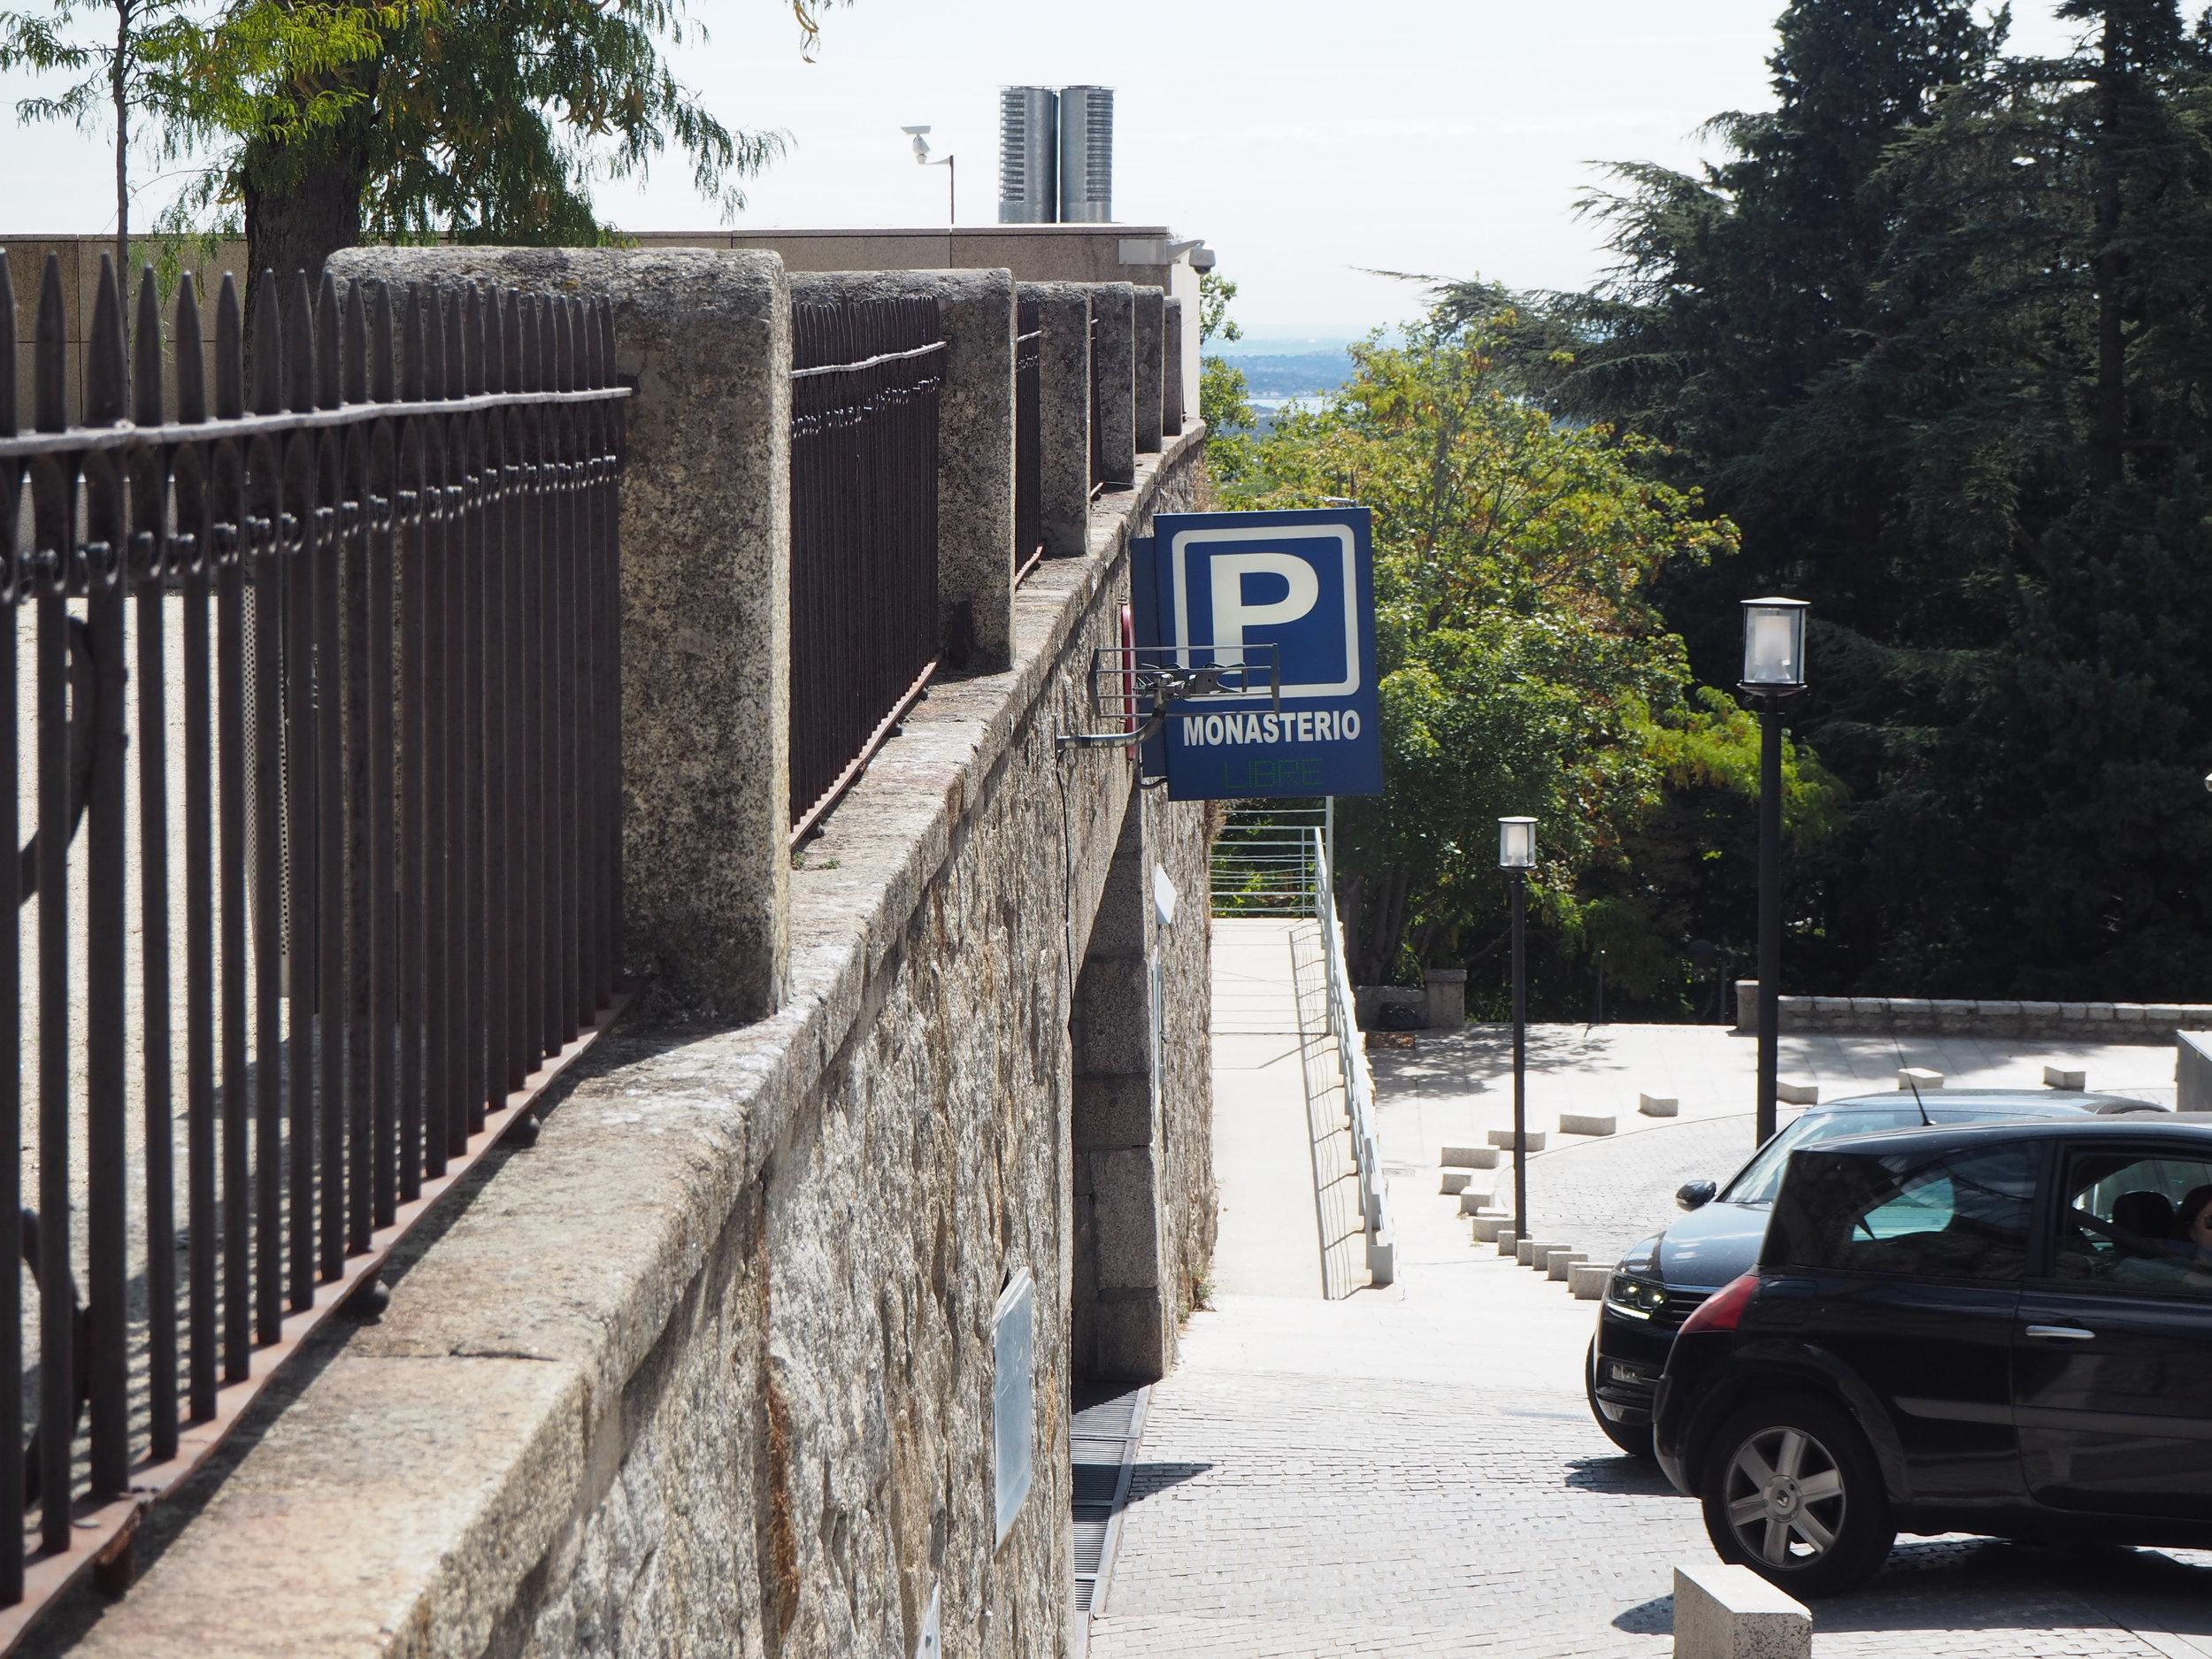 mercado-altavista-aparcamiento.JPG